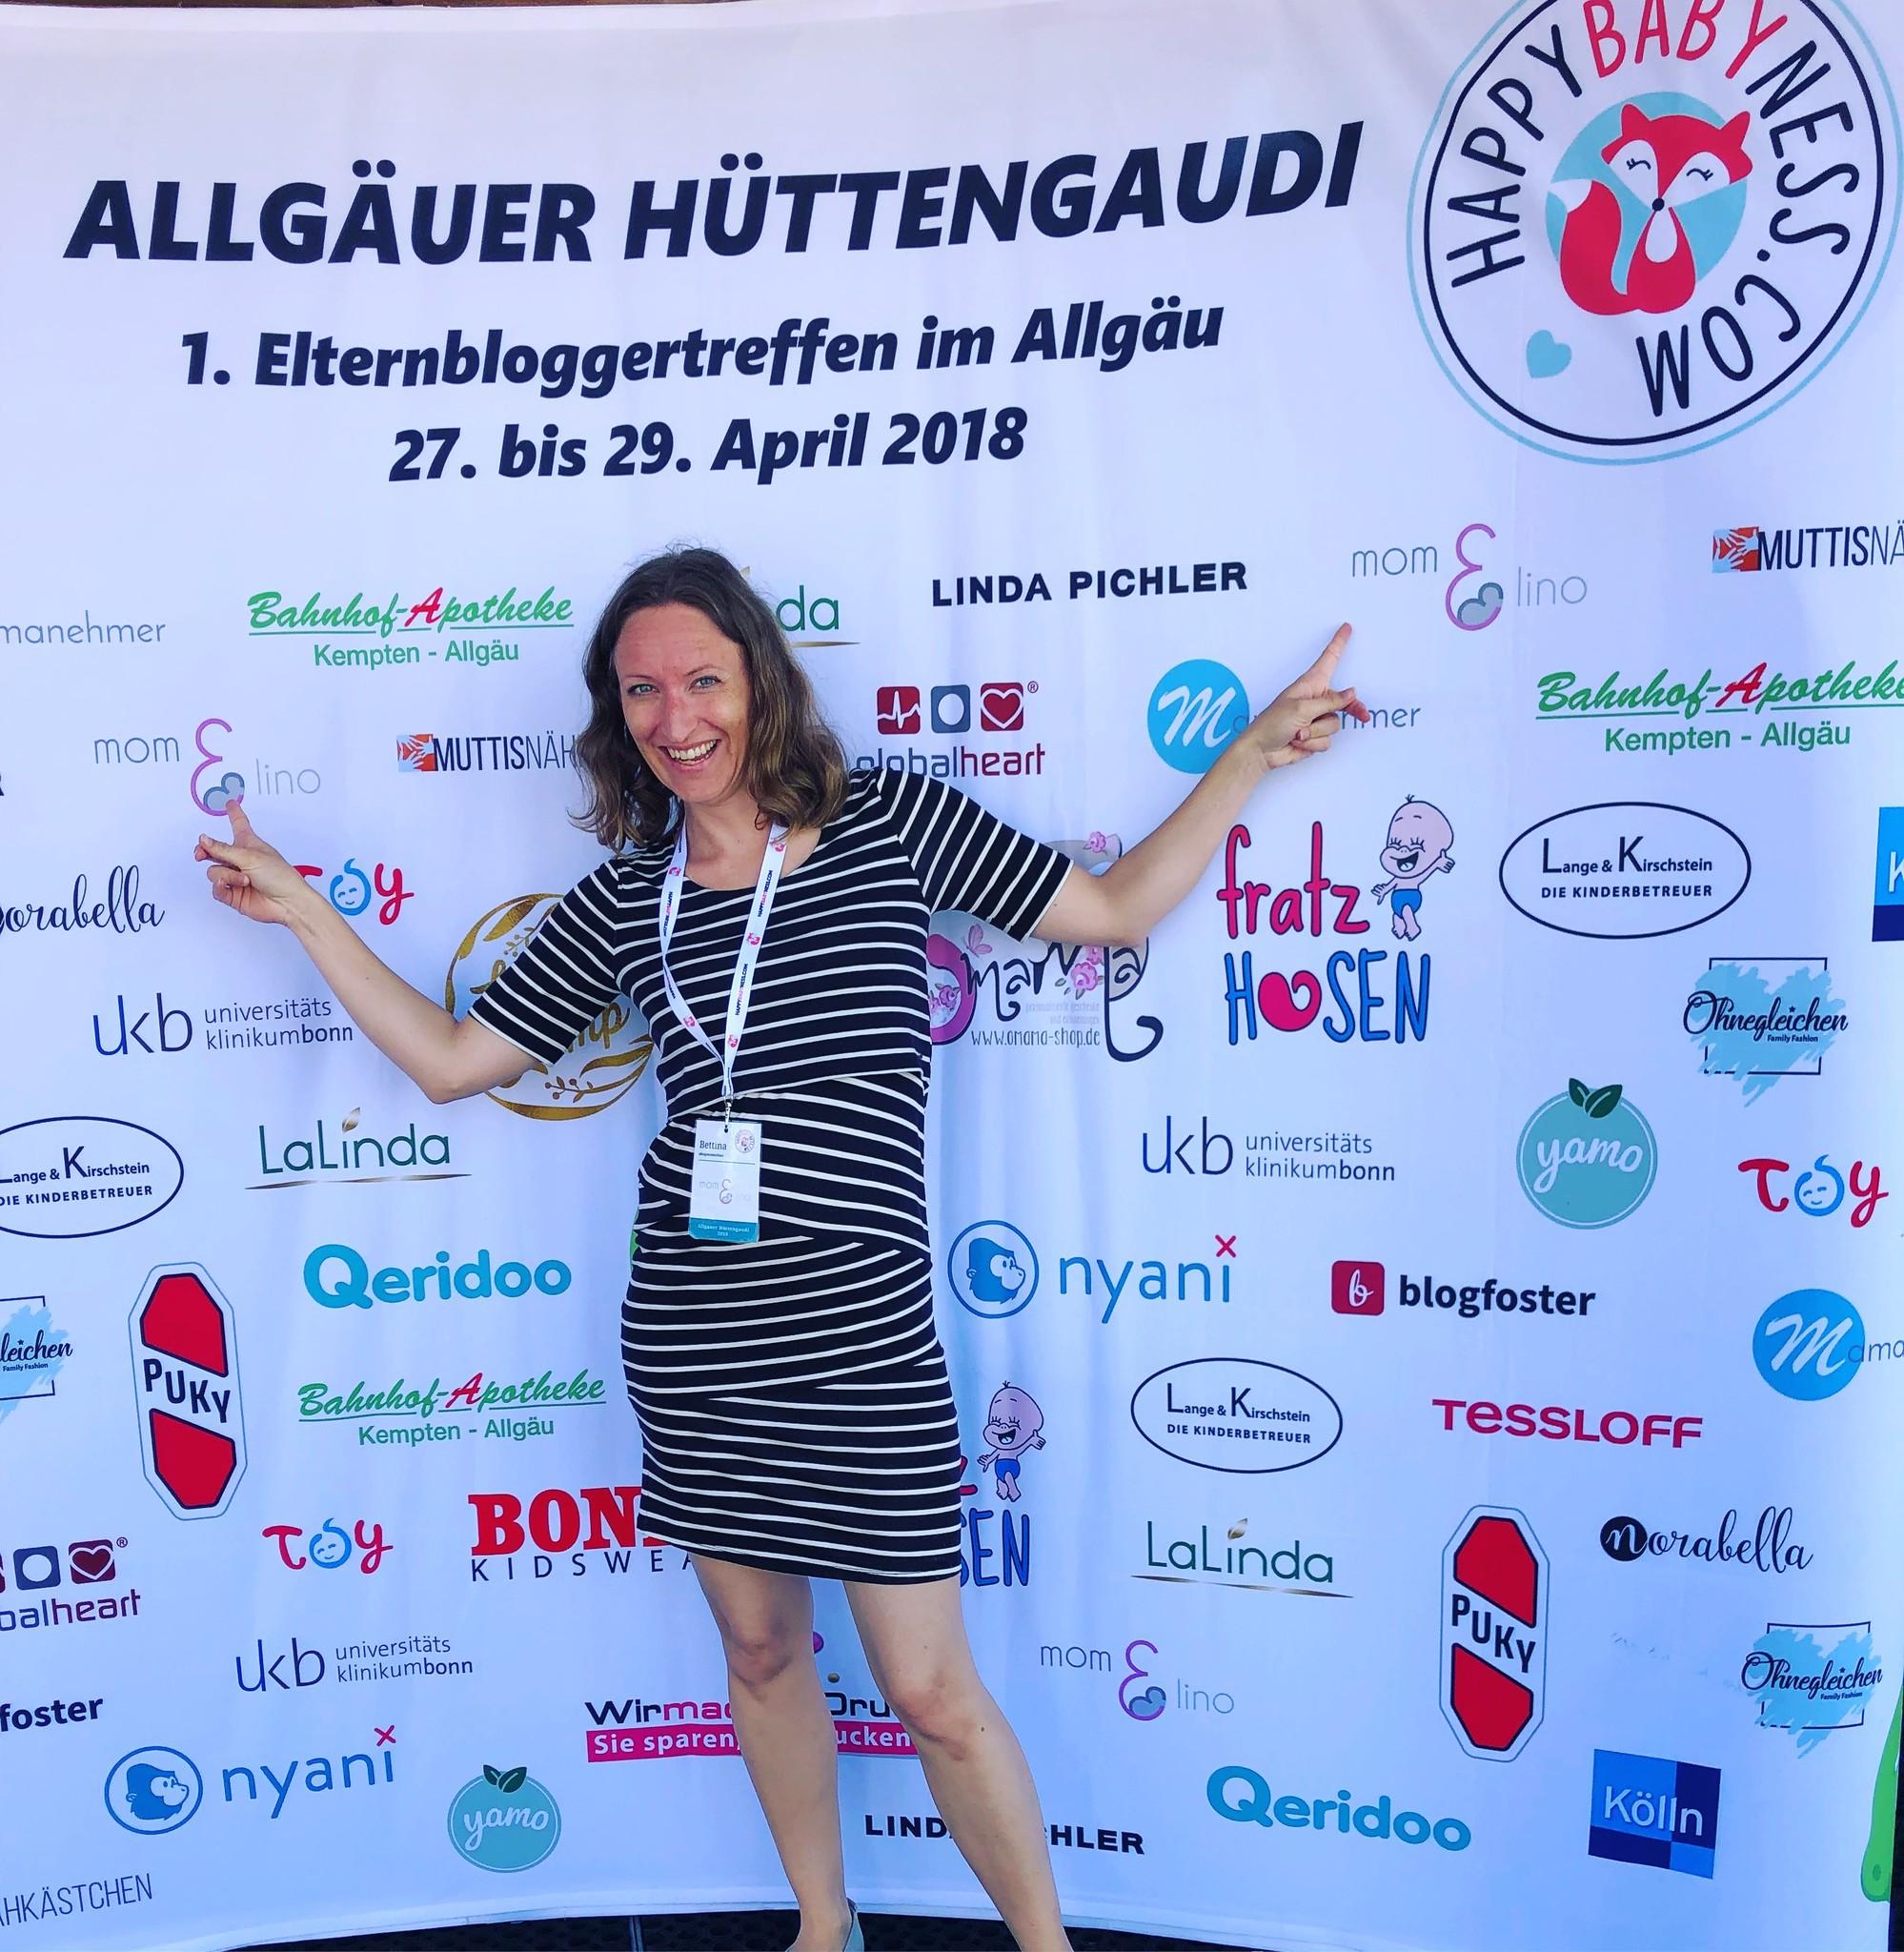 momelino Allgäuer Hüttengaudi